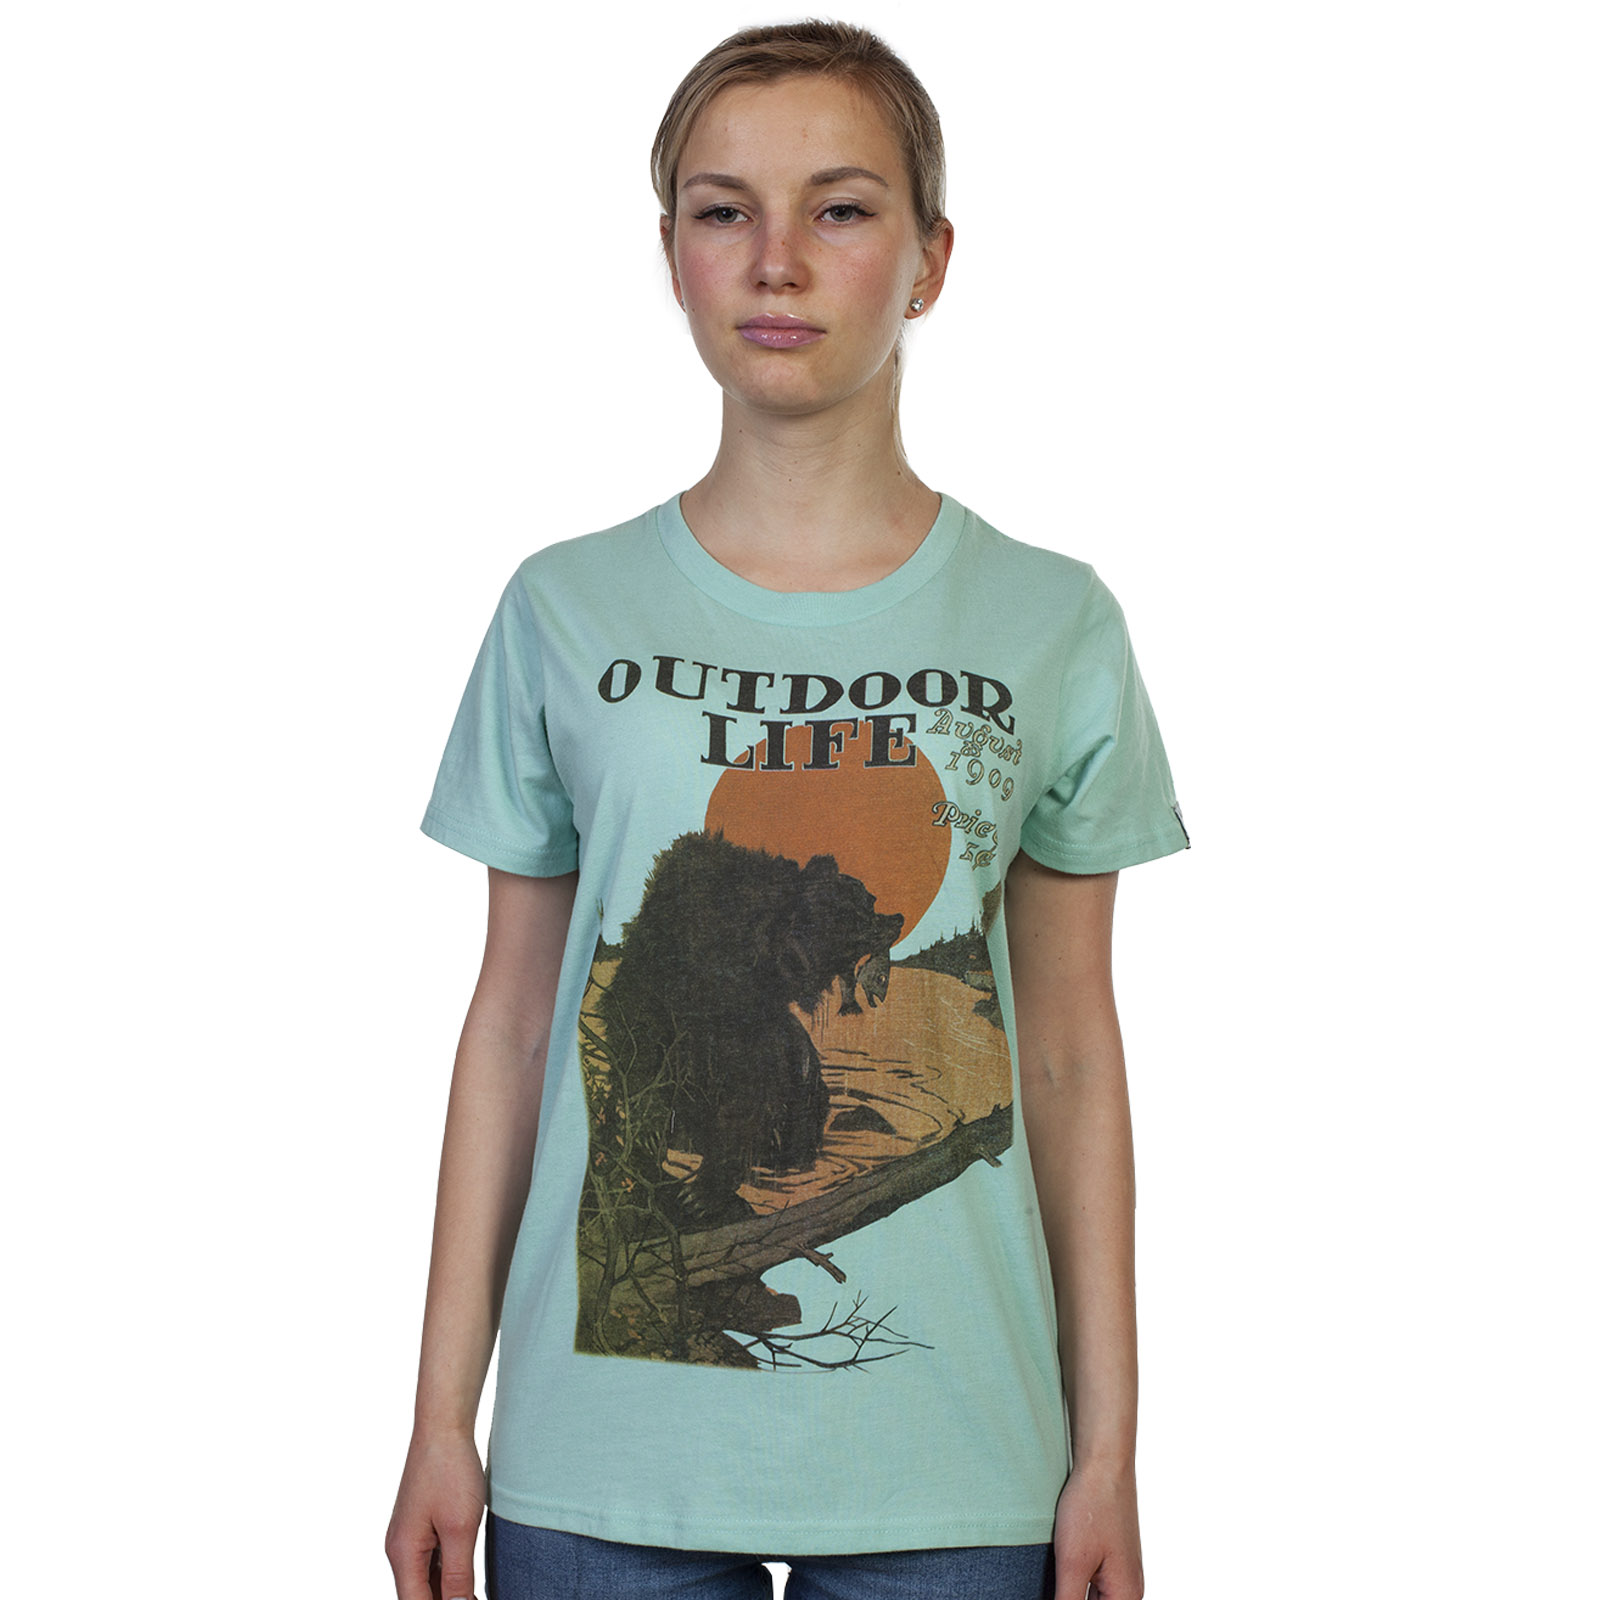 Недорогие женские футболки Outdoor Life – фирменное качество и приятная цена